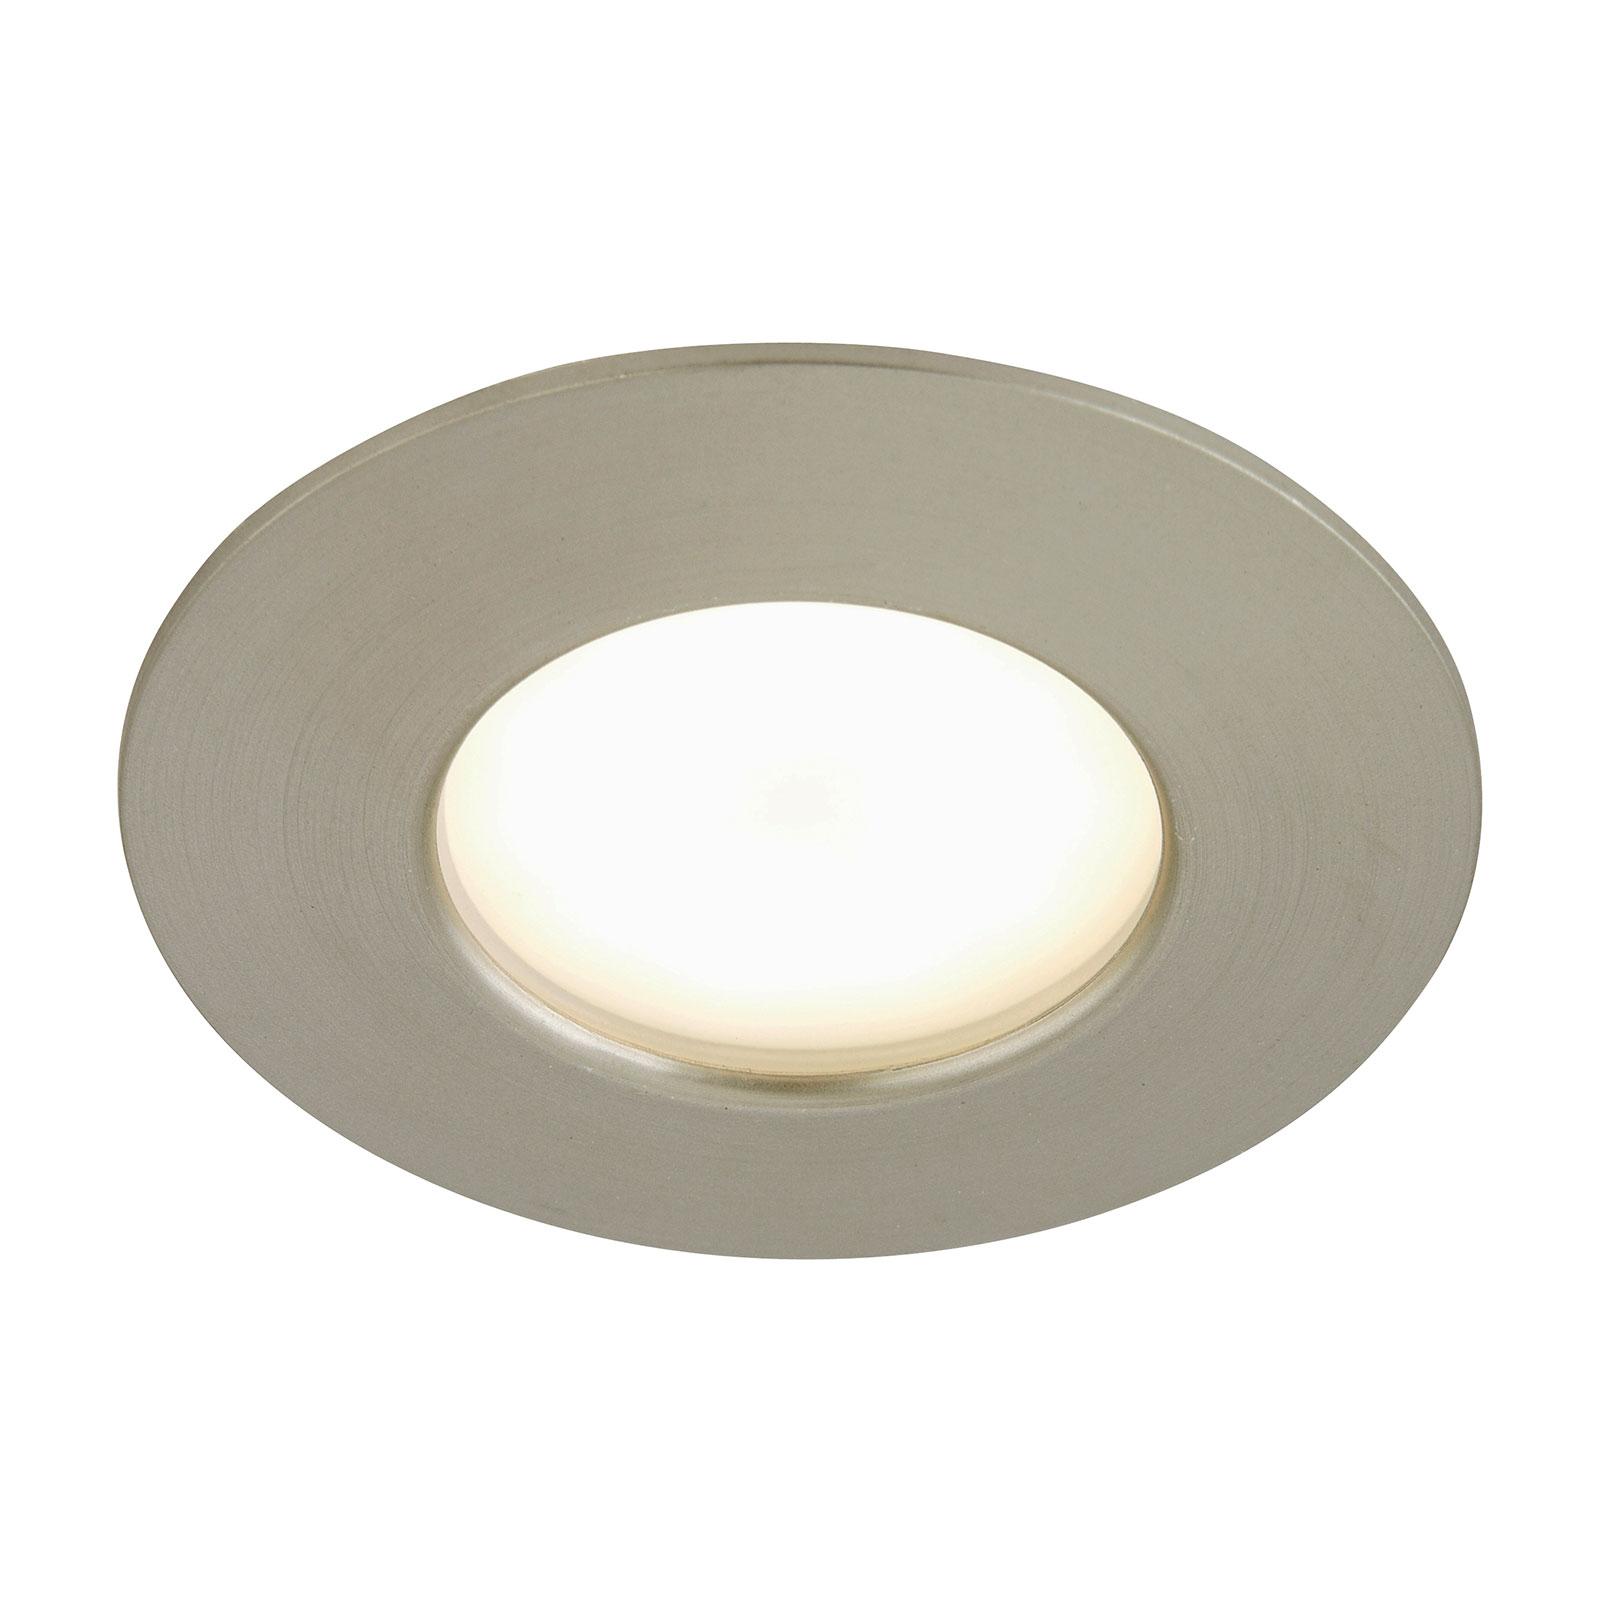 Till LED indbygningslampe, udendørs, mat nikkel